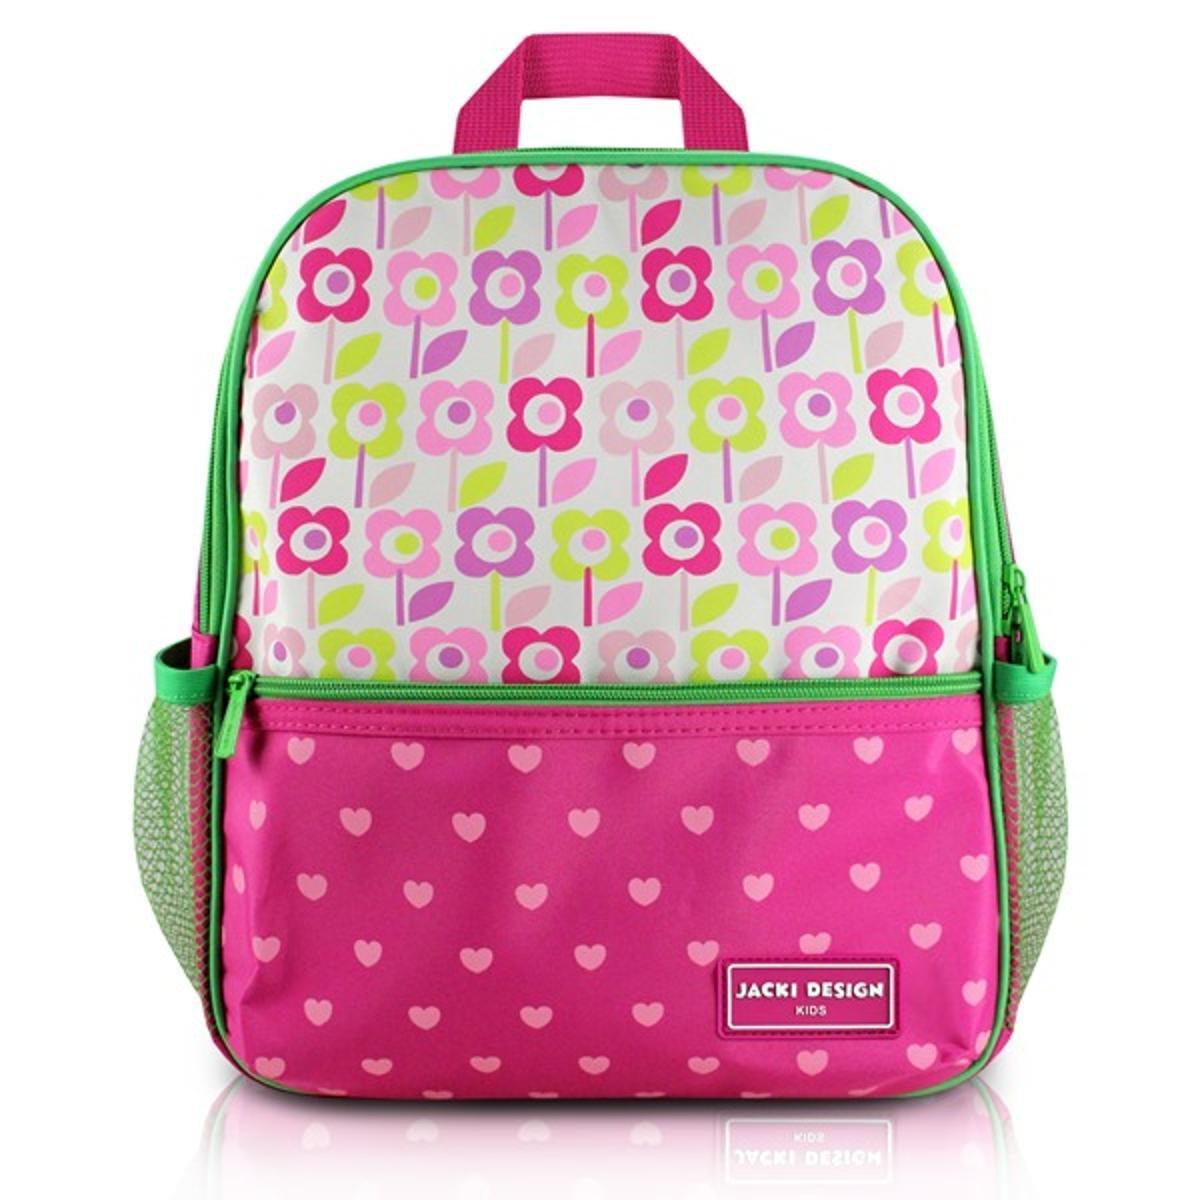 Mochila Infantil Escolar Jacki Design Flor Microfibra Feminina - Pink e  Verde - Compre Agora  1e59ab59871